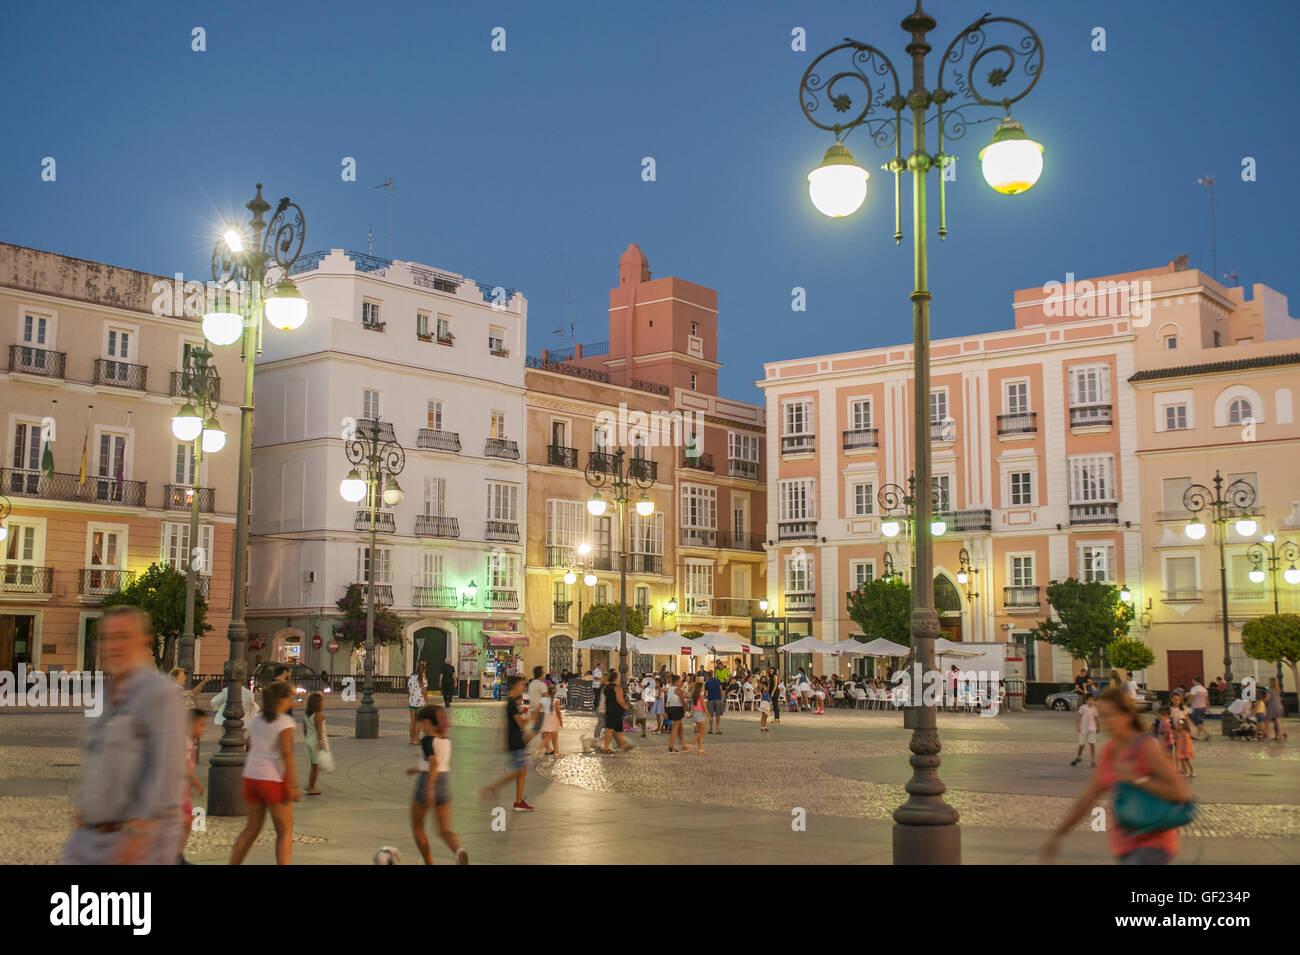 Vue partielle de la Place San Antonio, une place dans le quartier historique de Cadix, au coucher du soleil. Banque D'Images